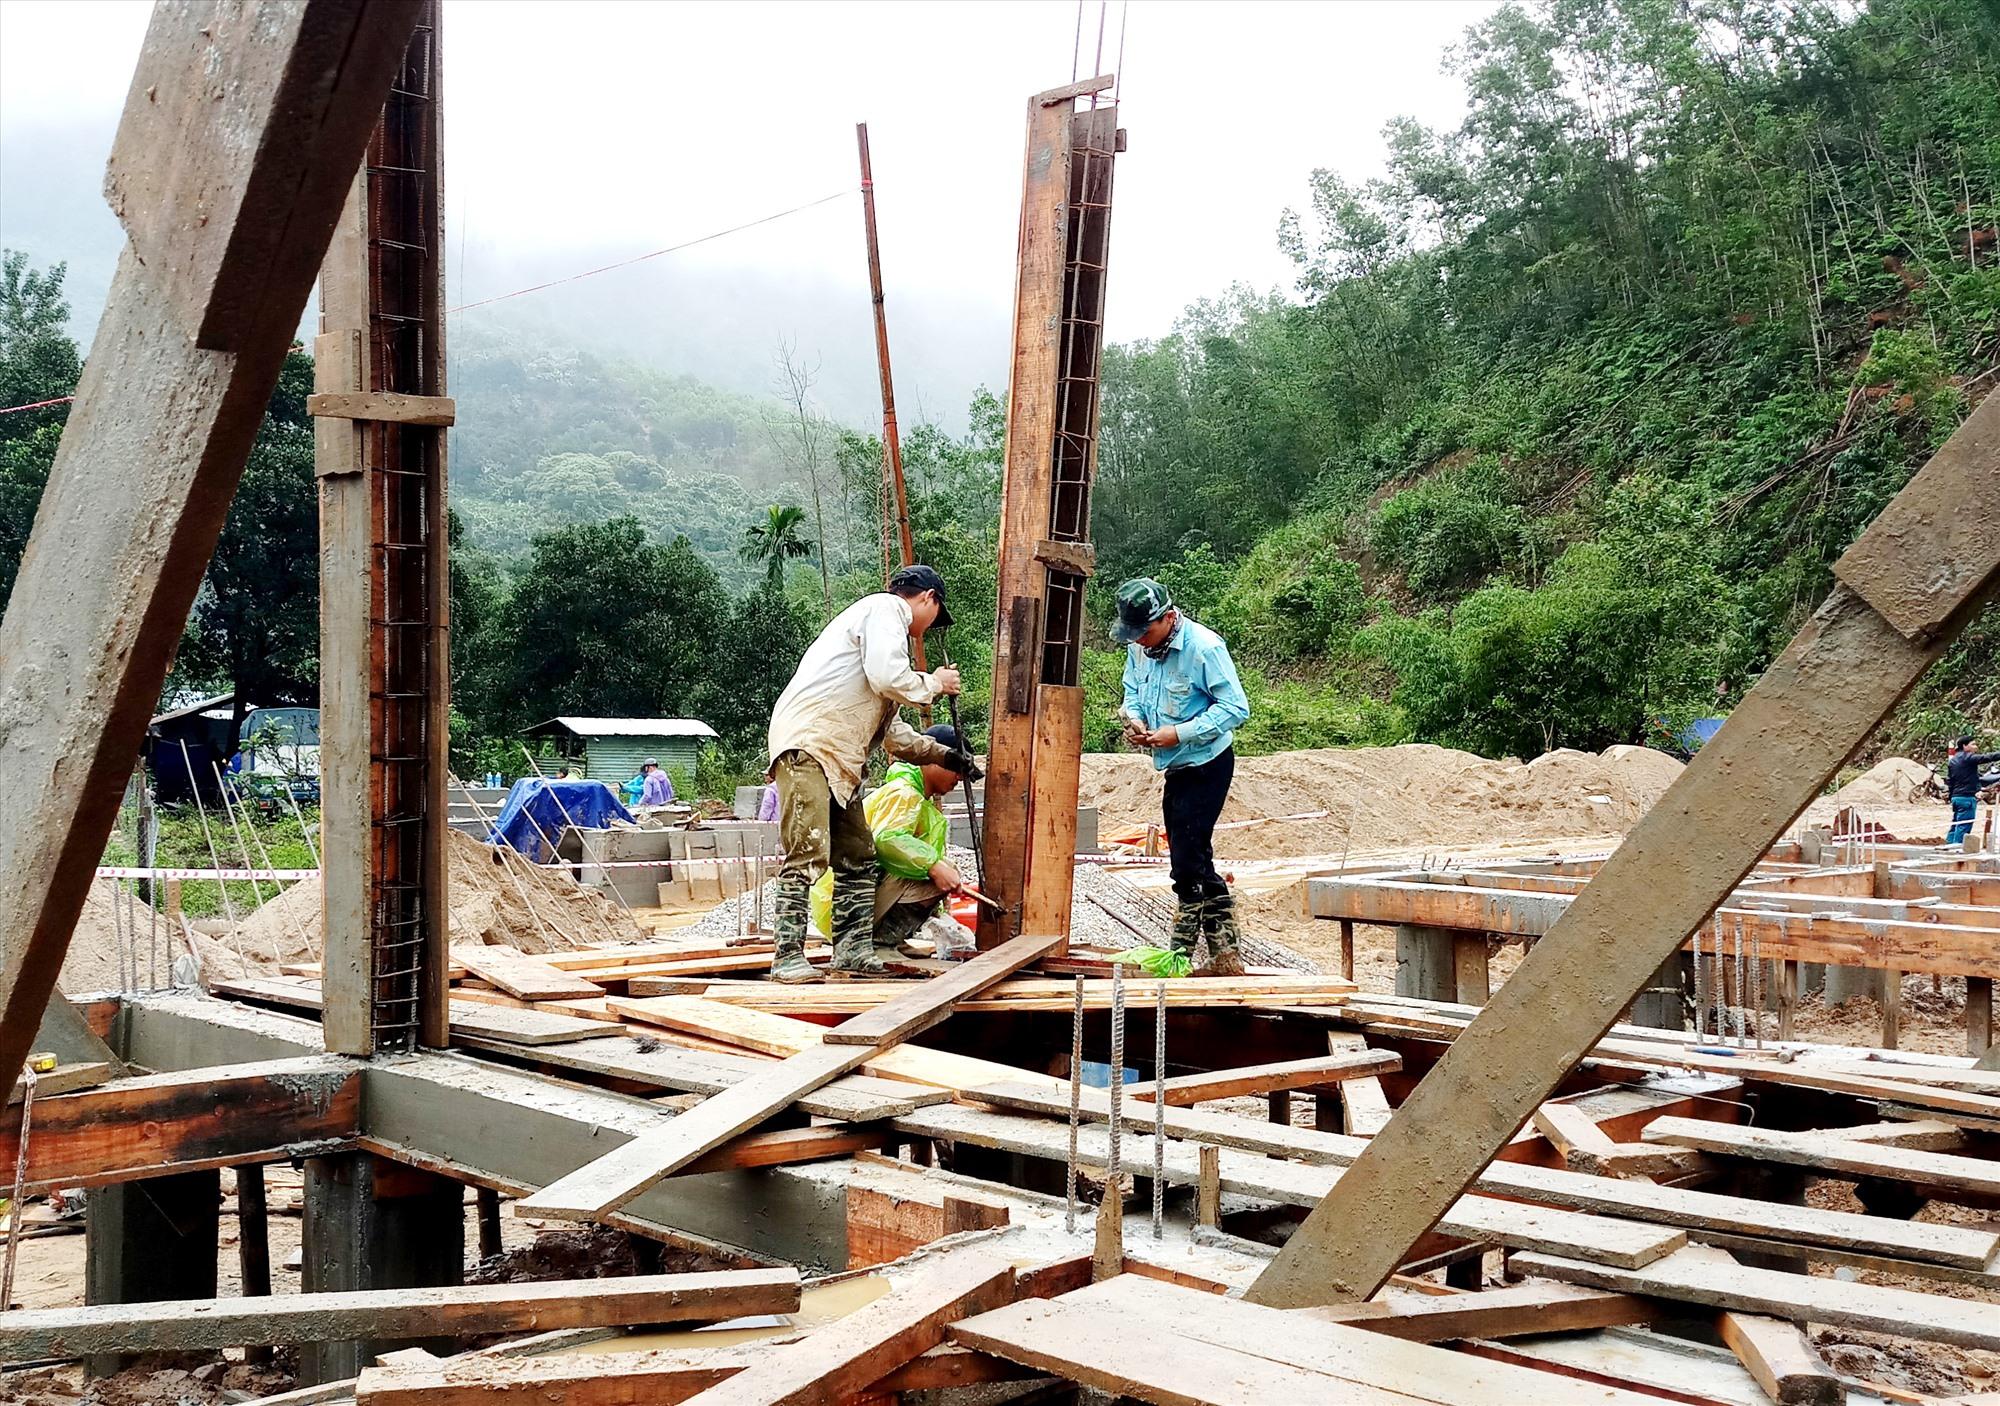 Công trường khu tái định cư Trà Leng trở nên nhộn nhịp với hoạt động xây dựng nhà ở mới cho người dân. Ảnh: ALĂNG NGƯỚC